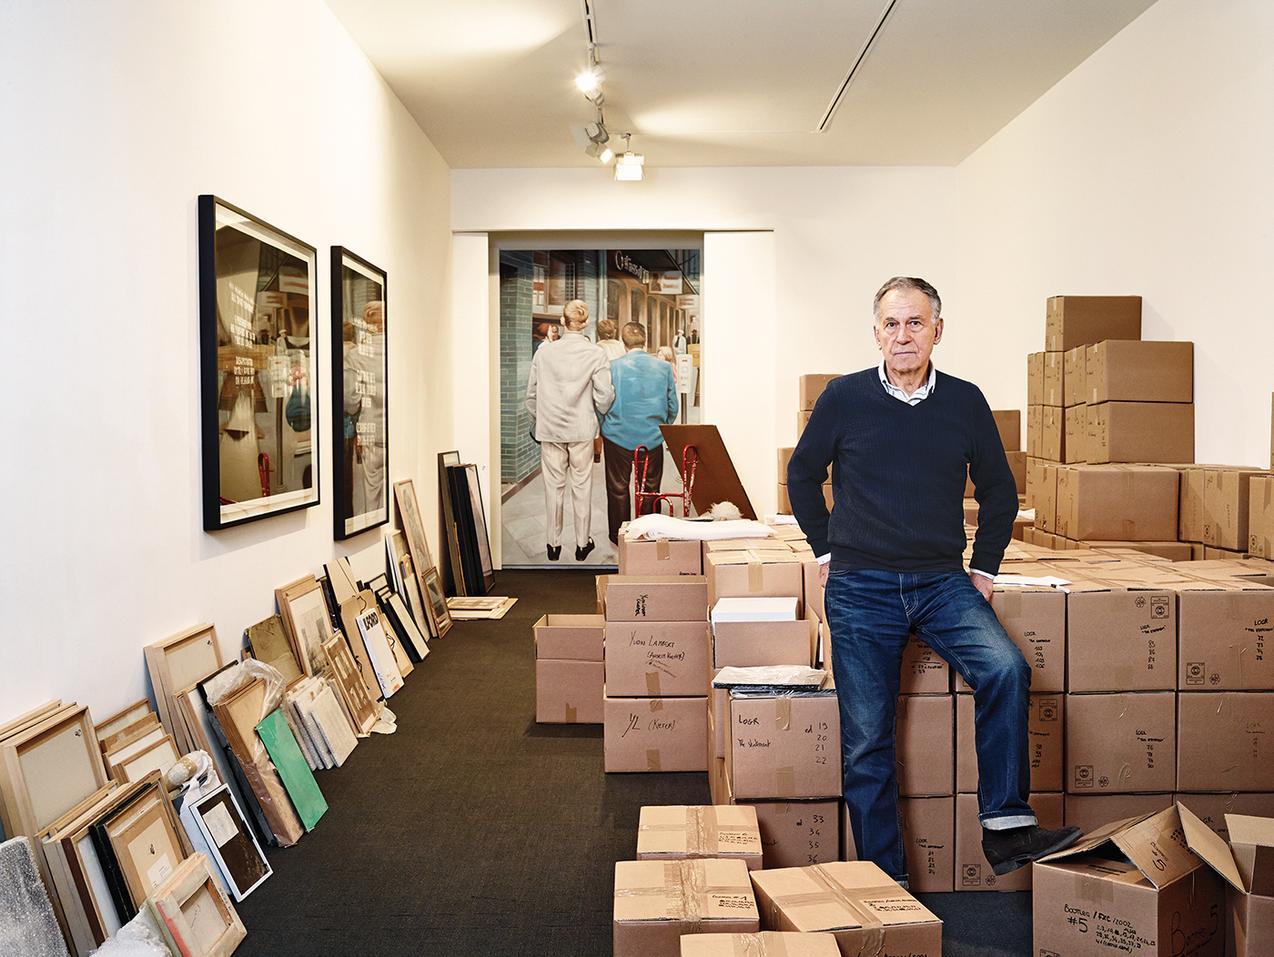 Yvon Lambert, leggendario gallerista francese, in posa per il fotografo l'ultimo giorno di apertura dello spazio. Allineate lungo la parete le opere di piccolo formato.